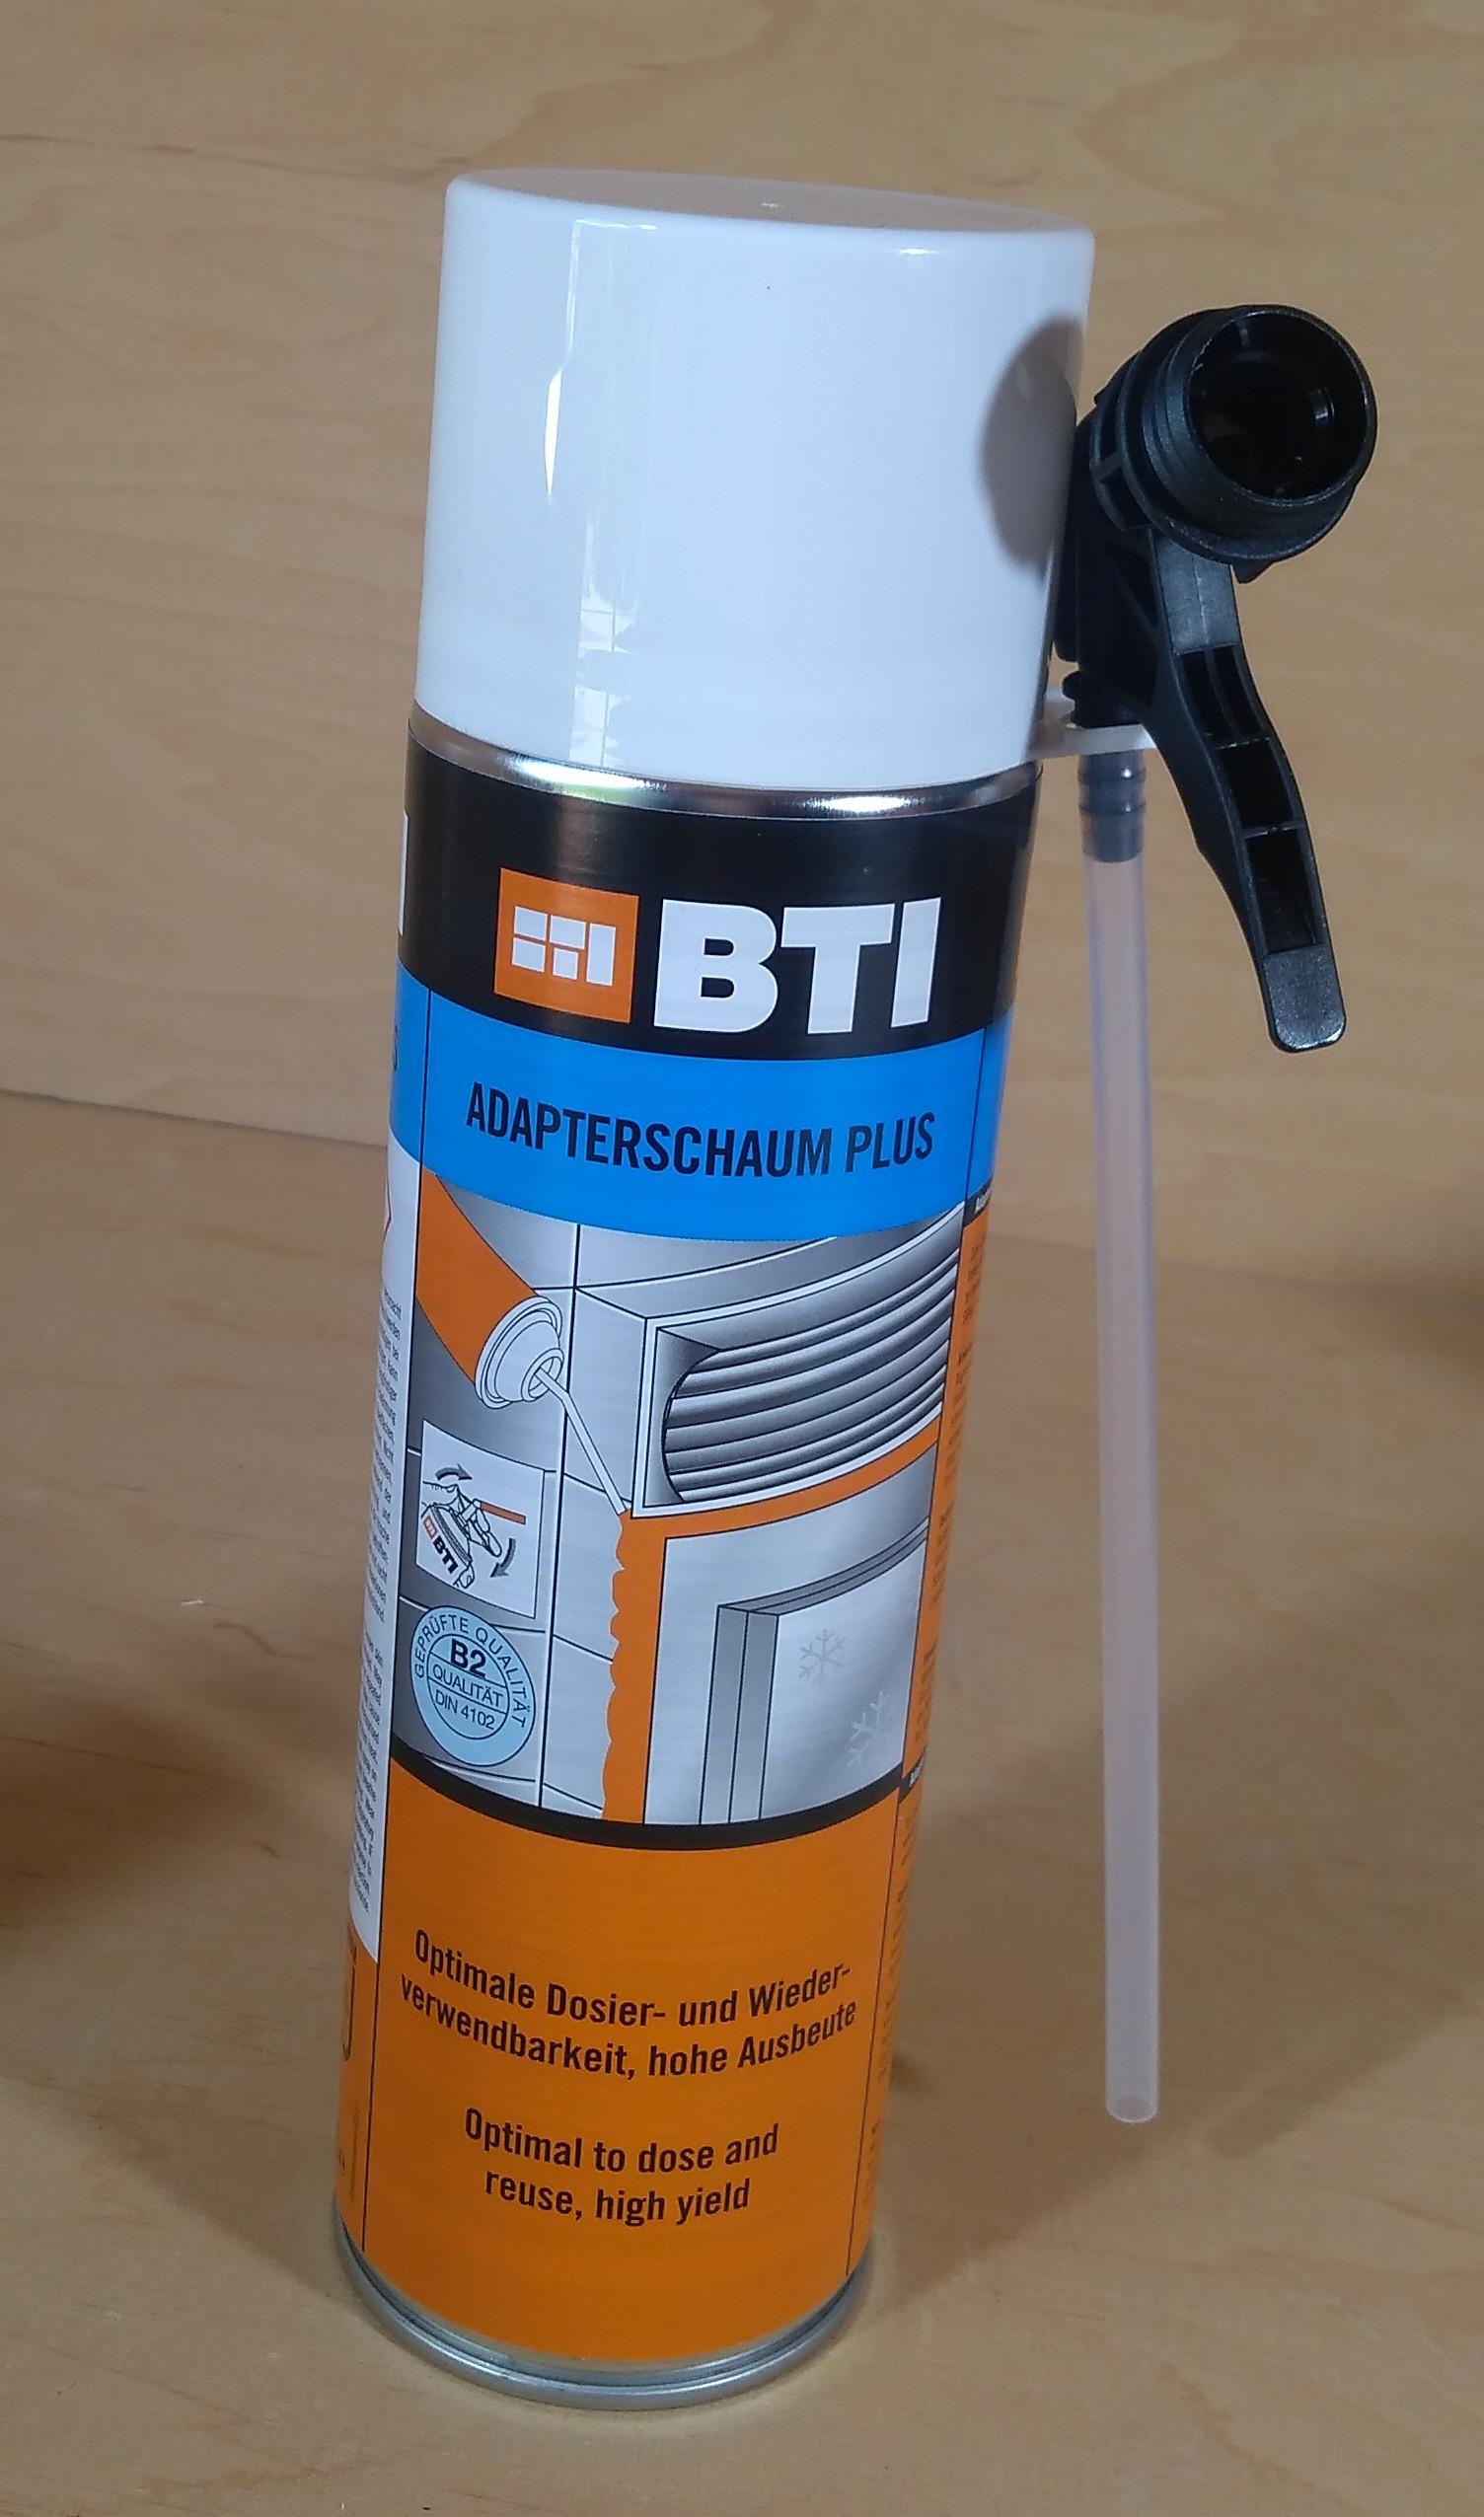 Bau Montage Schaum Adapterschaum plus für Mauerkästen von BTI